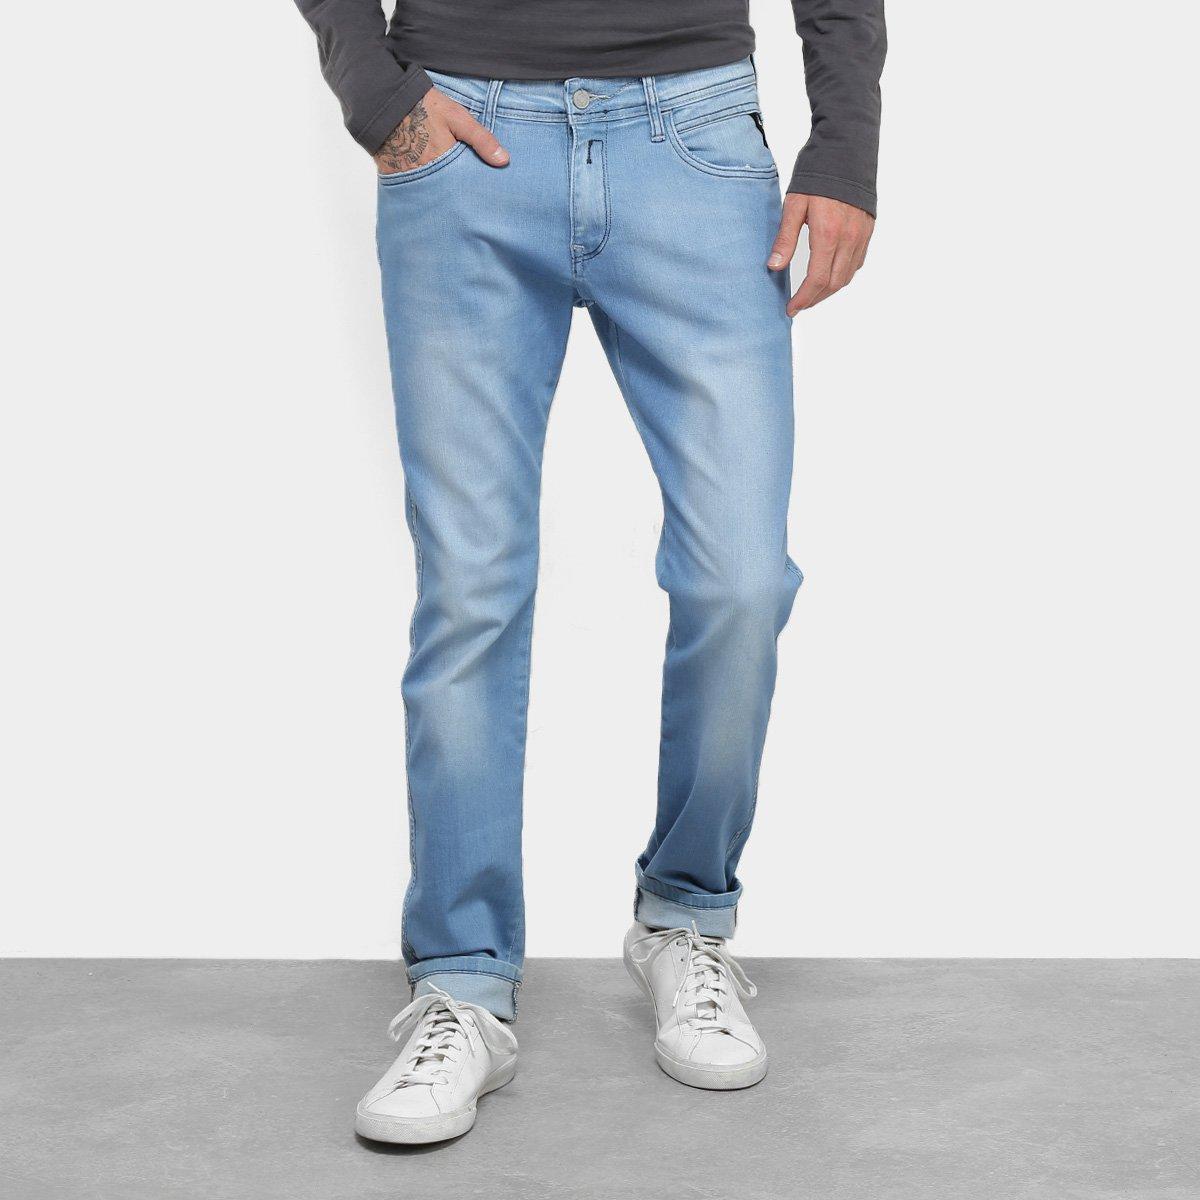 quality design de62a 23f1b Calça Jeans Skinny Replay Estonada Cintura Média Masculina ...